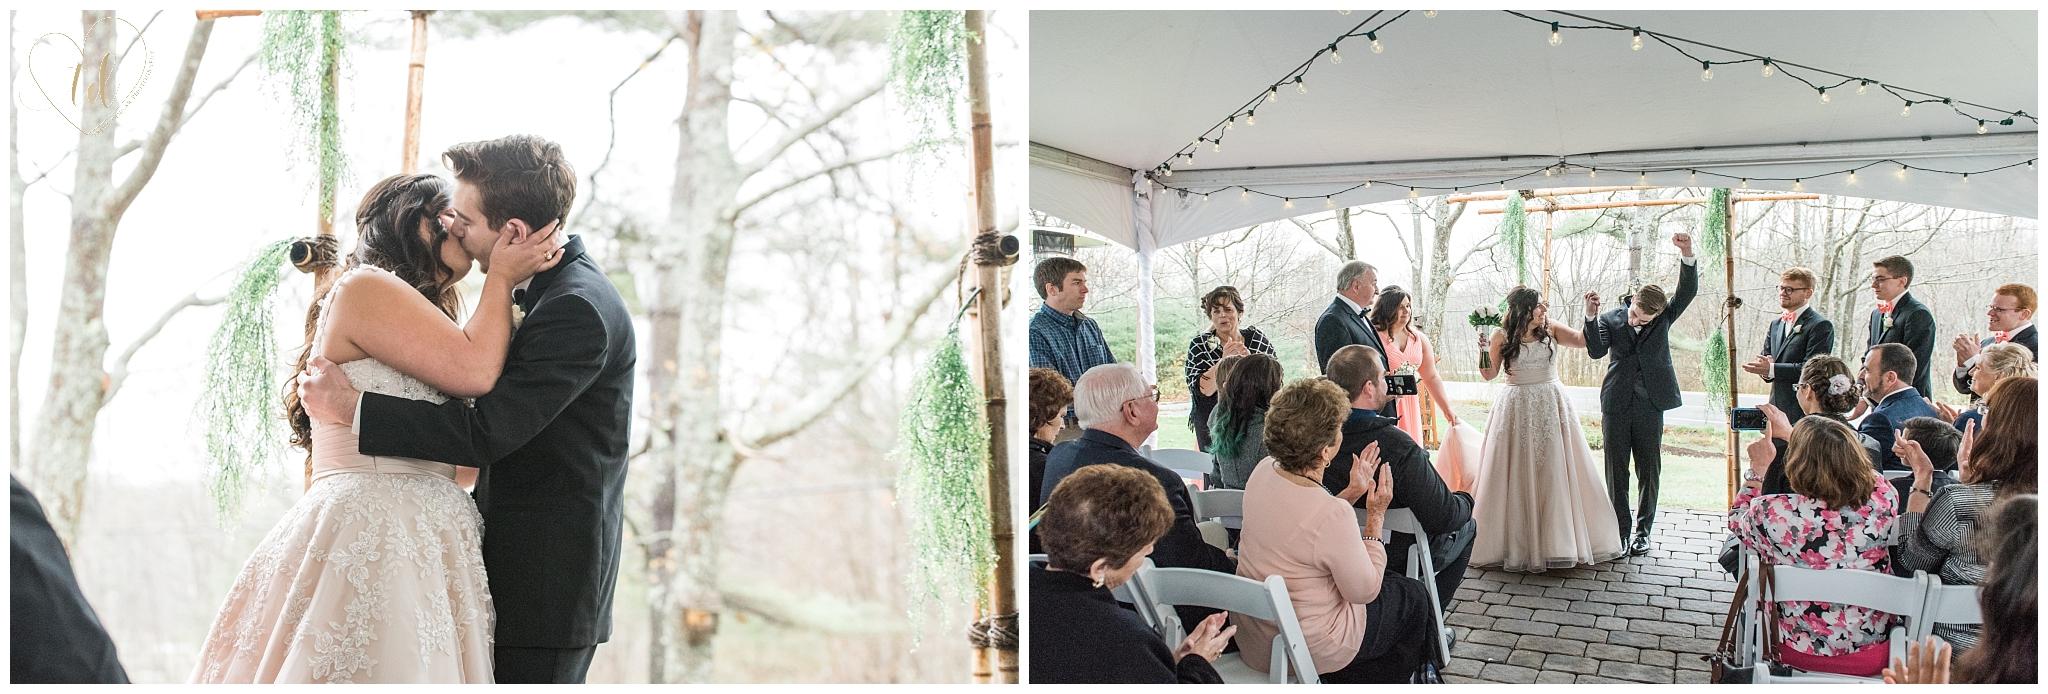 Ocean Woods Resort Outdoor Tented Wedding